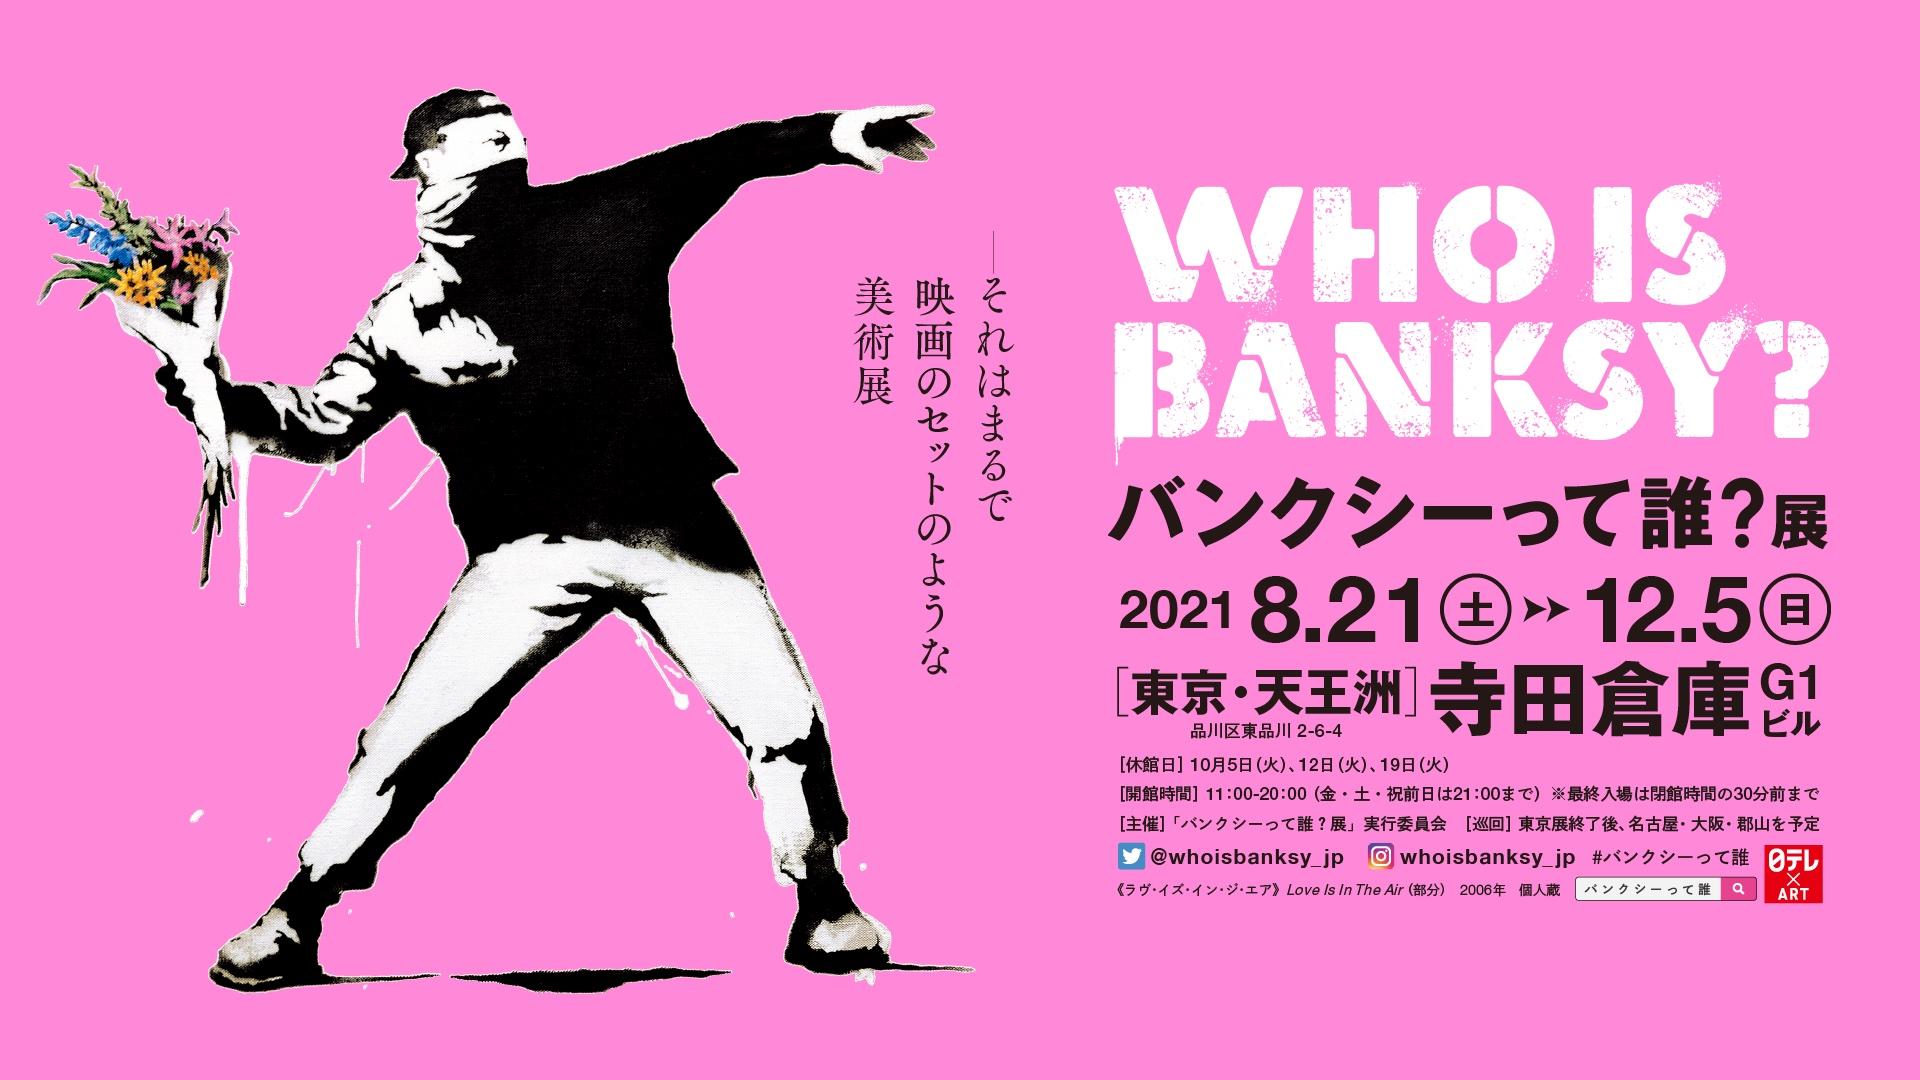 WHO IS BANKSY?|バンクシーって誰?展